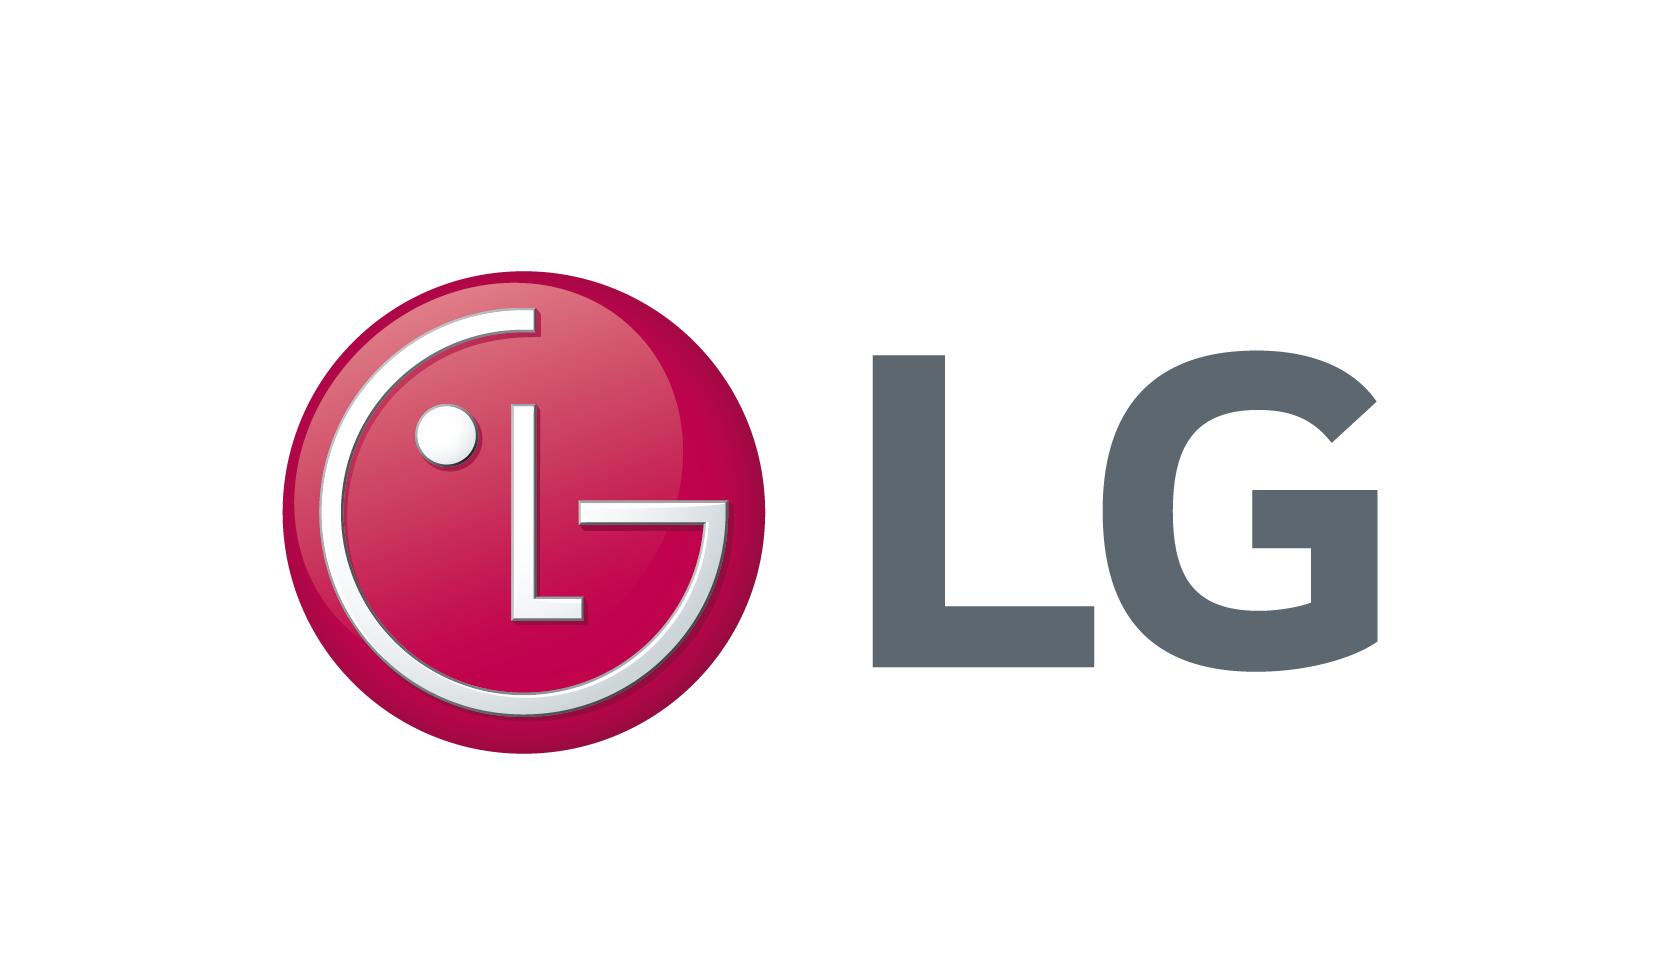 Liderzy dźwięku i obrazu najlepszej jakości łączą siły - LG i B&O prezentują nowy telewizor na IFA 2017